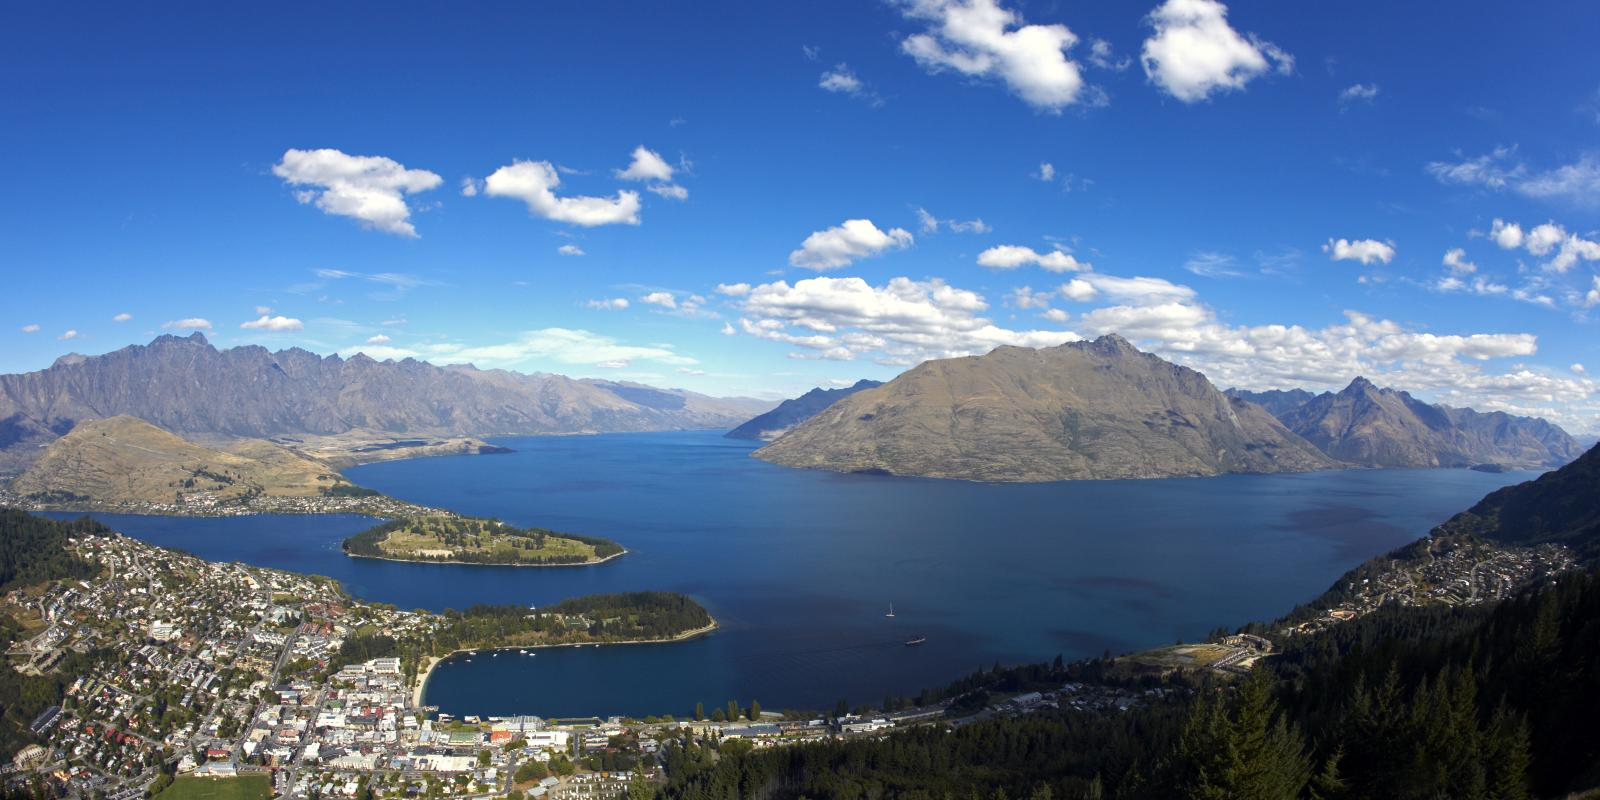 Queenstown's maori legend of Lake Wakatipu